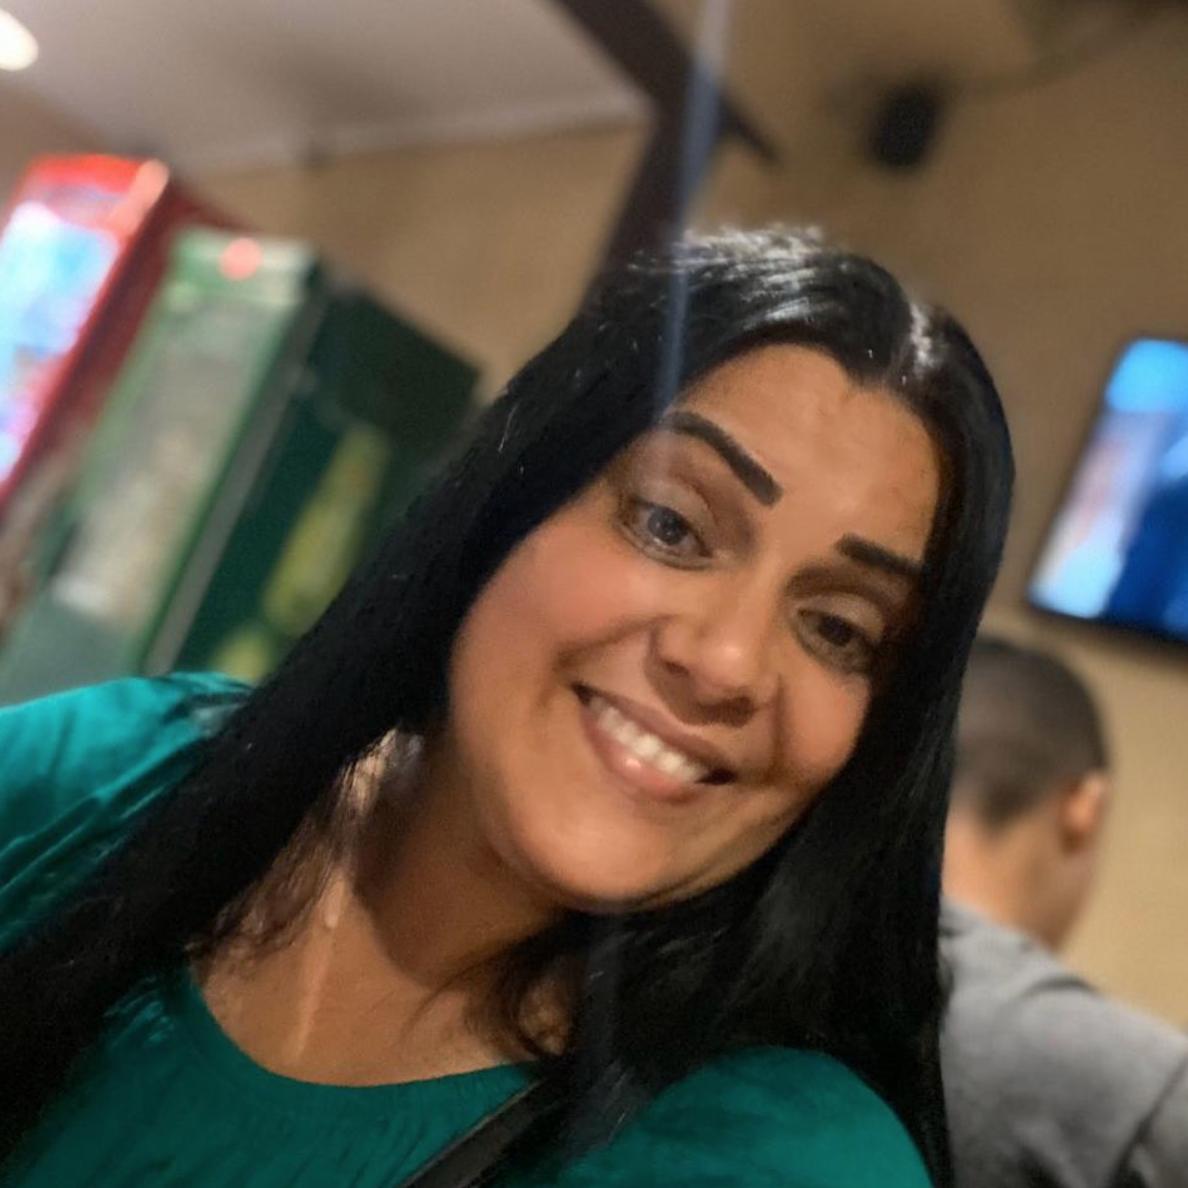 Cintia Oliveira